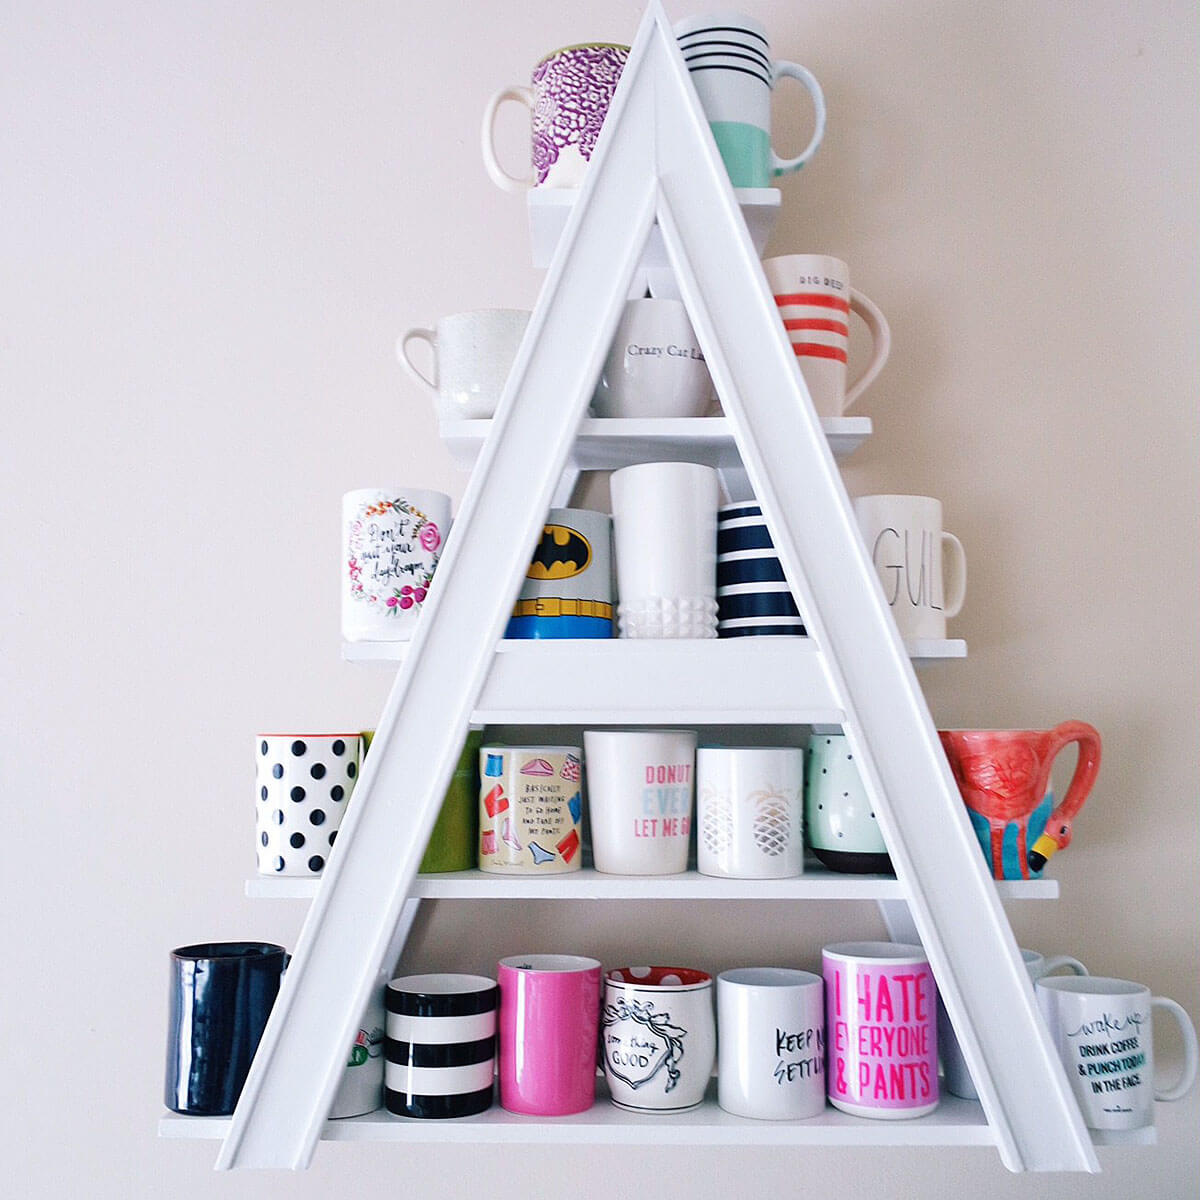 A-frame Mug Shelves